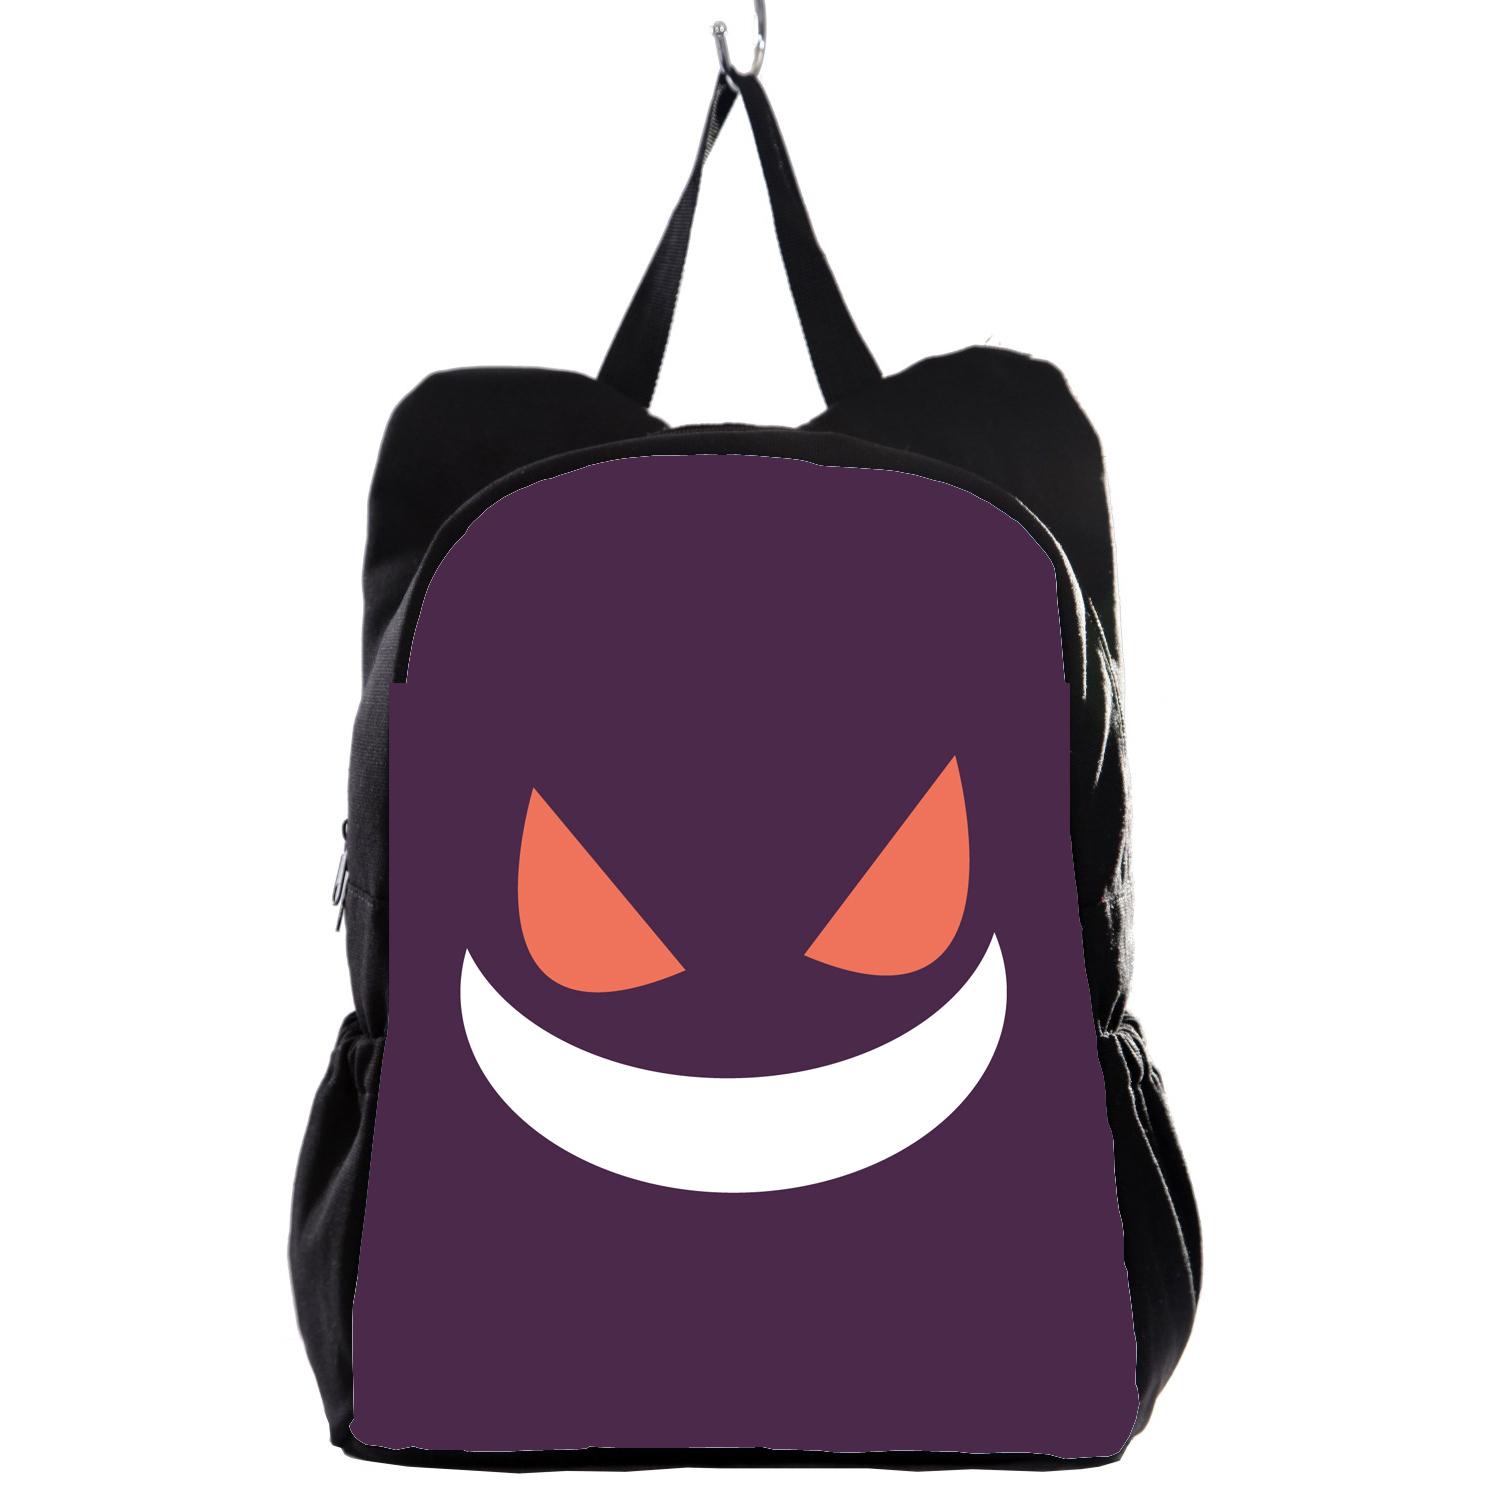 Начать занятия сезон новой деятельности в продаже сокровище может мечтать рюкзак покемон рюкзак карман монстр странный рюкзак сделанный на заказ рюкзак